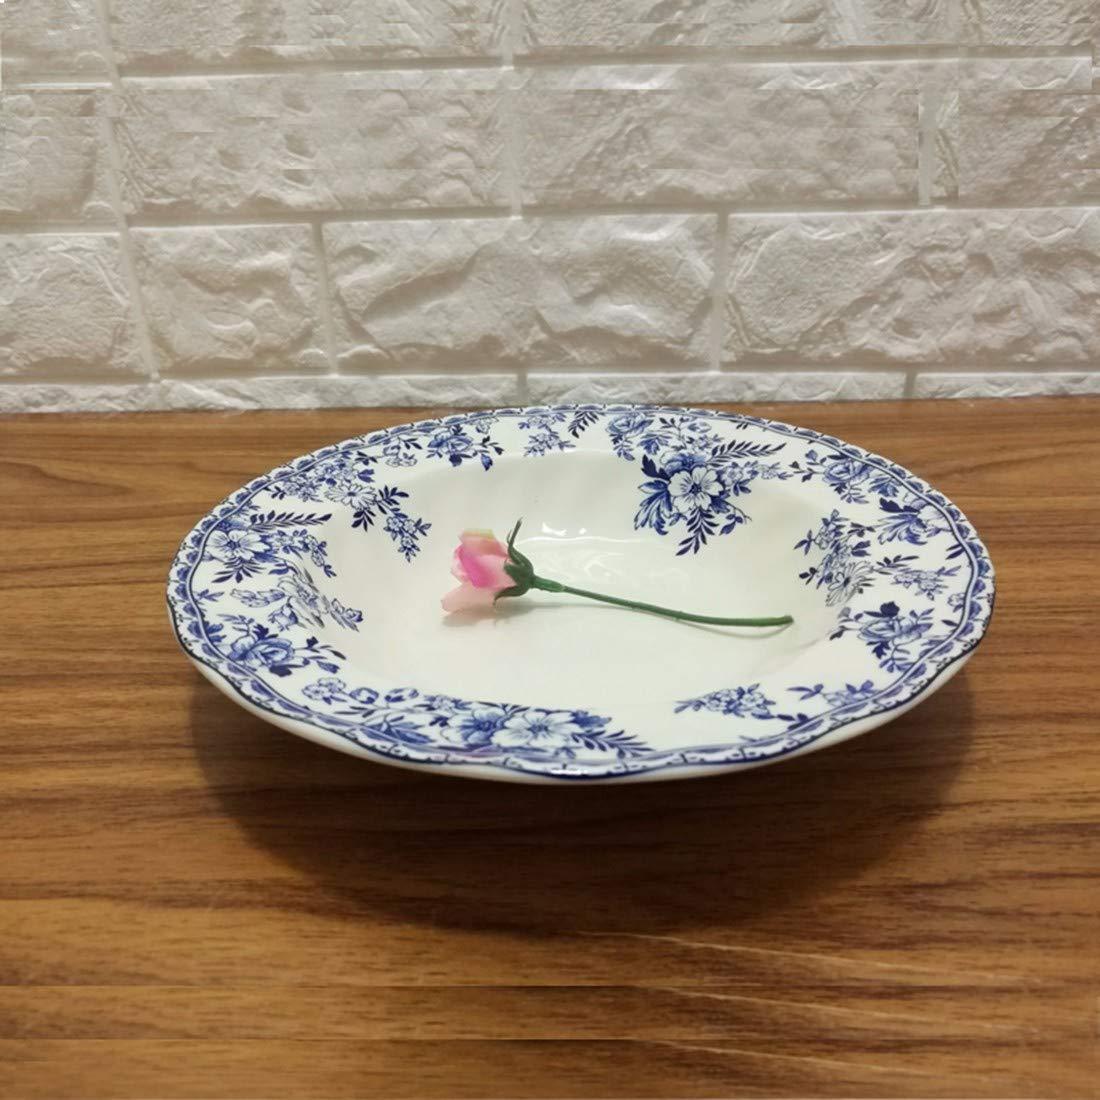 QPGGP-Teller britische blau - weißem Porzellan, westliche Gerichte, haushaltsgeräte, Schalen, Teller und tassen und untertassen, Kaffee, Tee - Sets,e